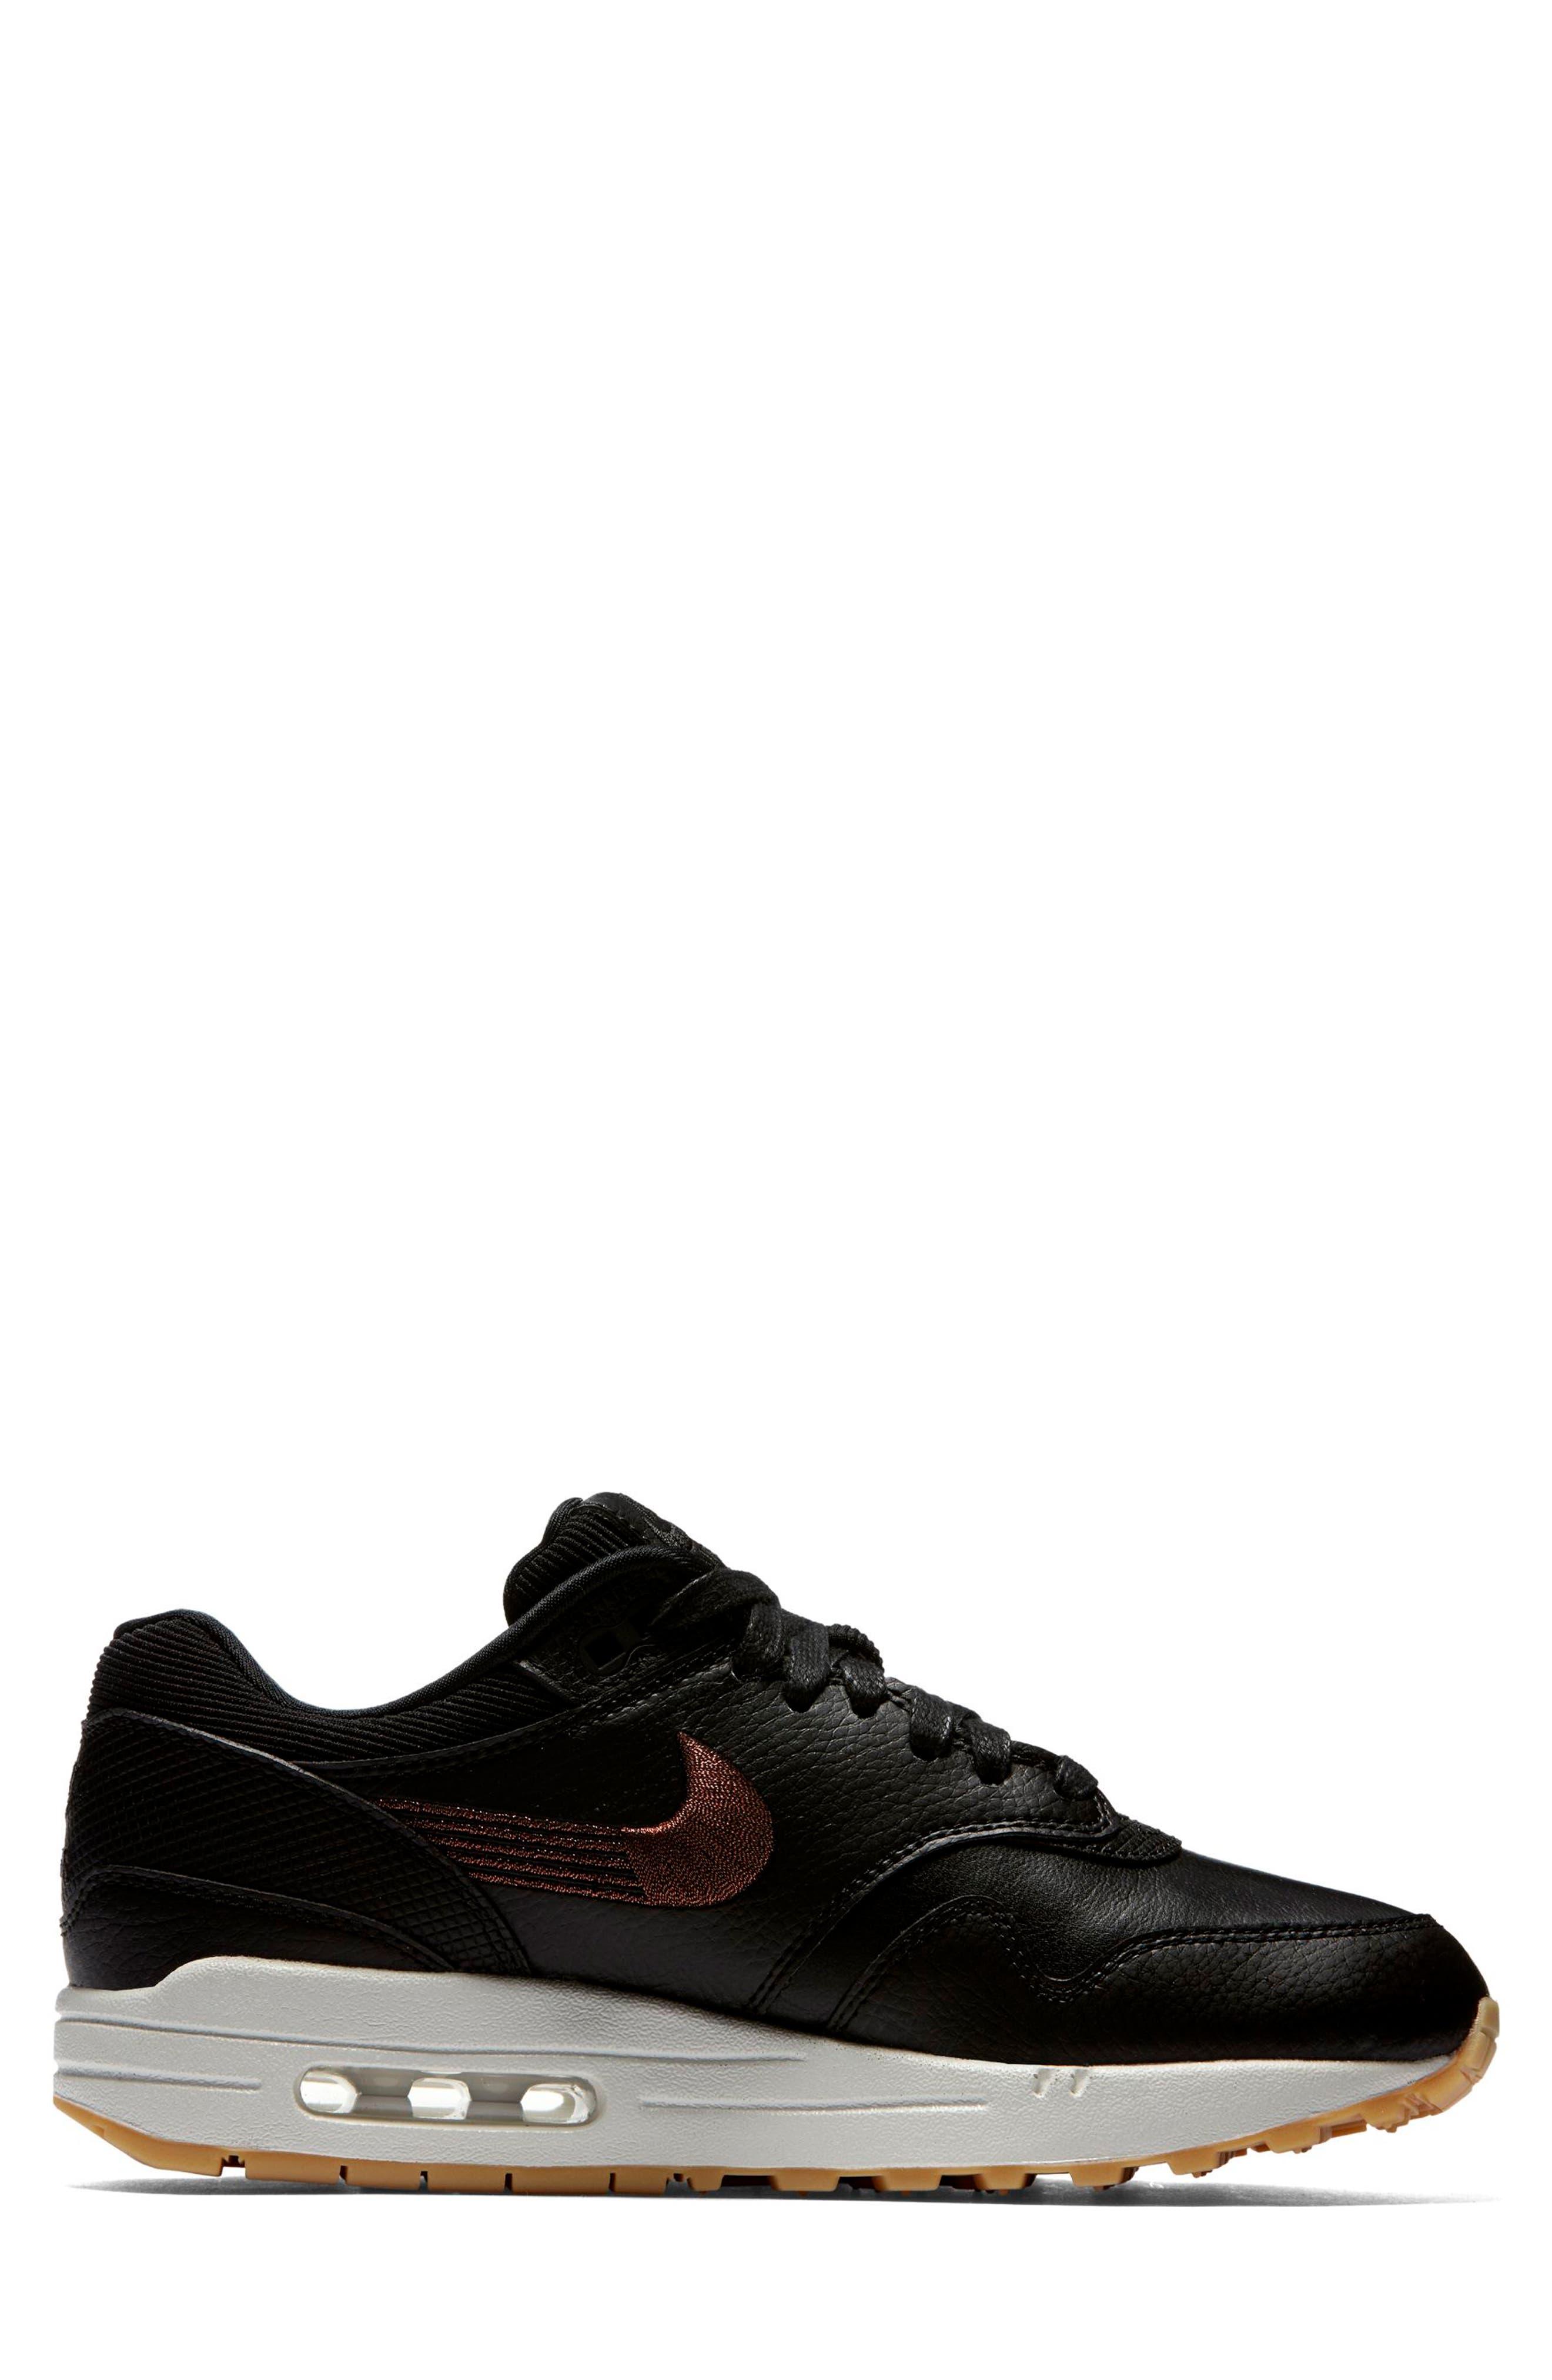 Air Max 1 Premium Sneaker,                             Alternate thumbnail 3, color,                             002